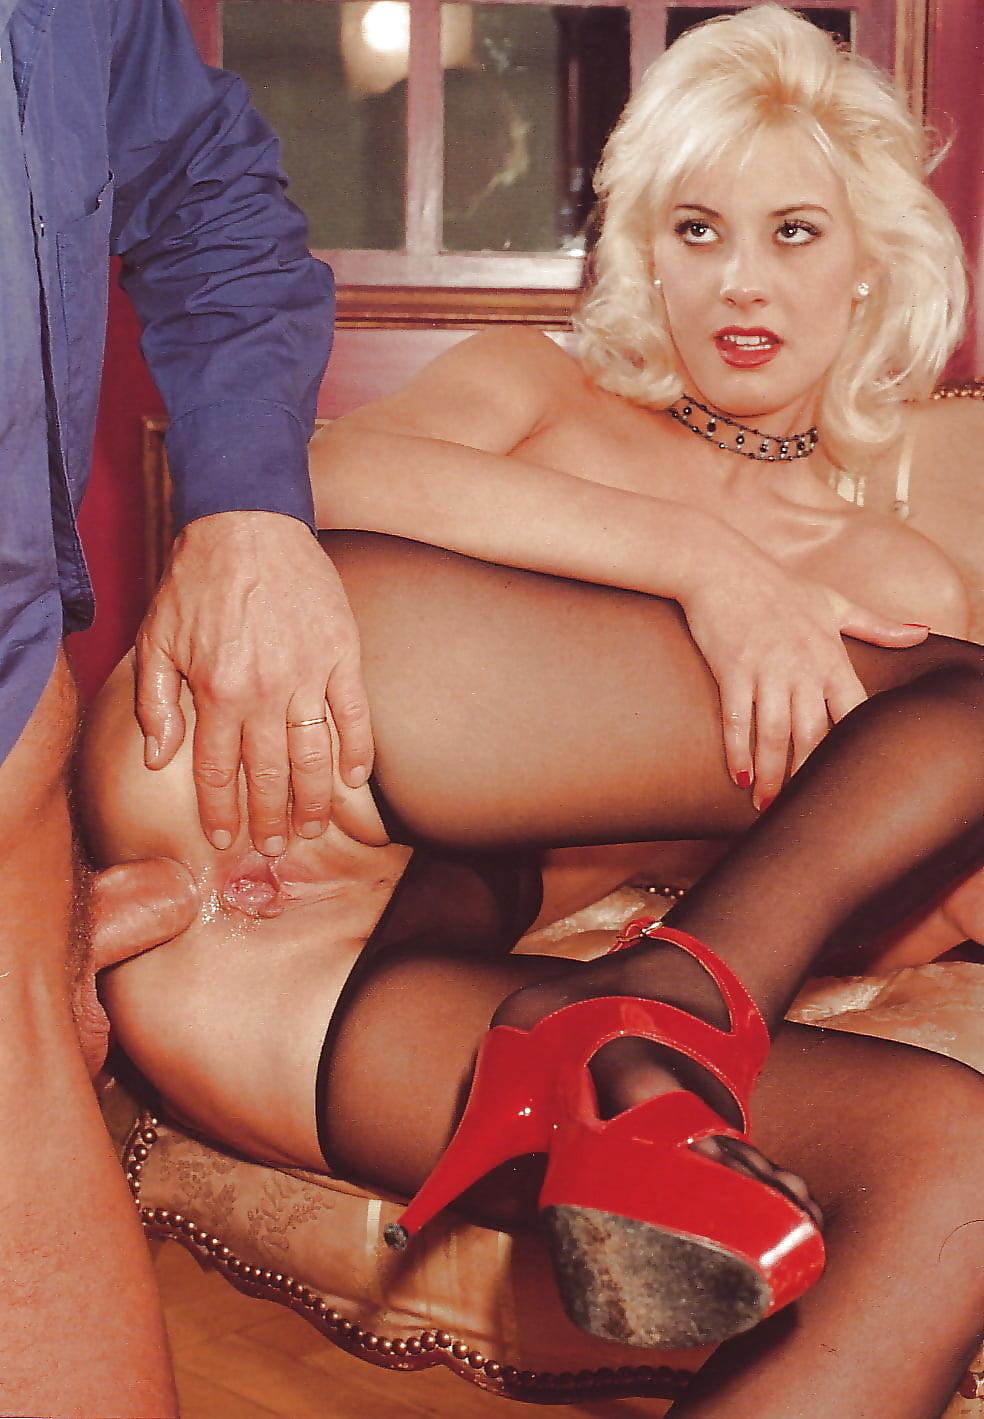 chlen-tolstoy-porno-foto-erotika-sisi-ketch